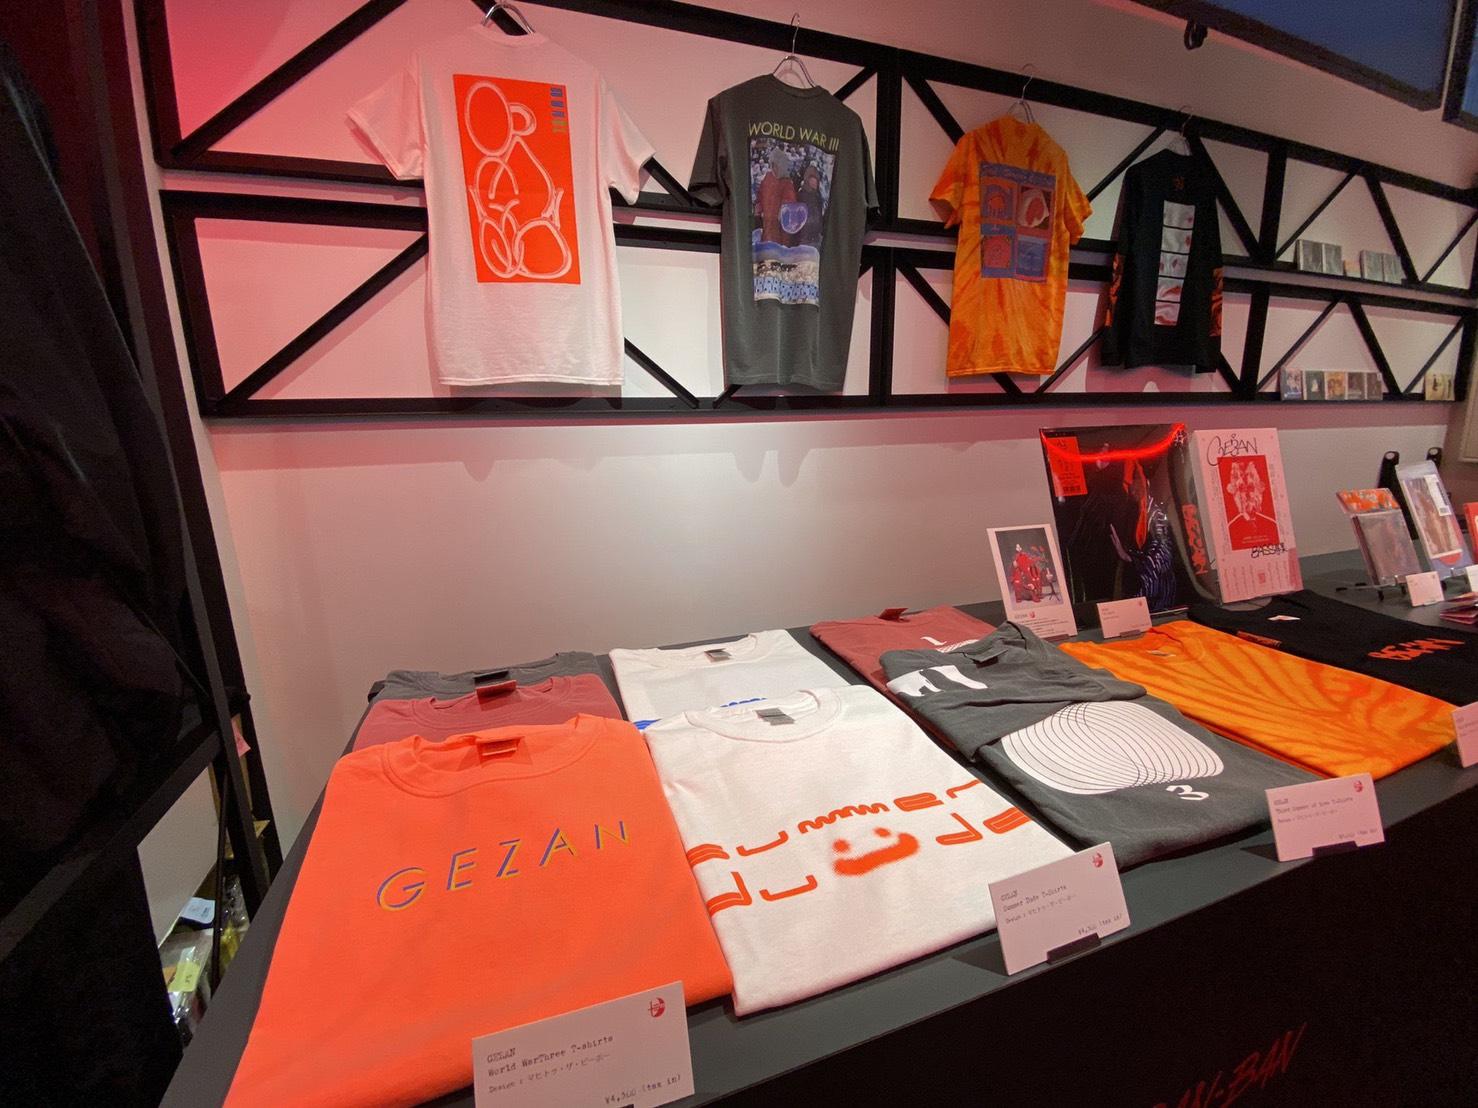 フジロックオフィシャルショップ<GAN-BAN>にてGEZANのオフィシャグッズの取り扱い開始しました。